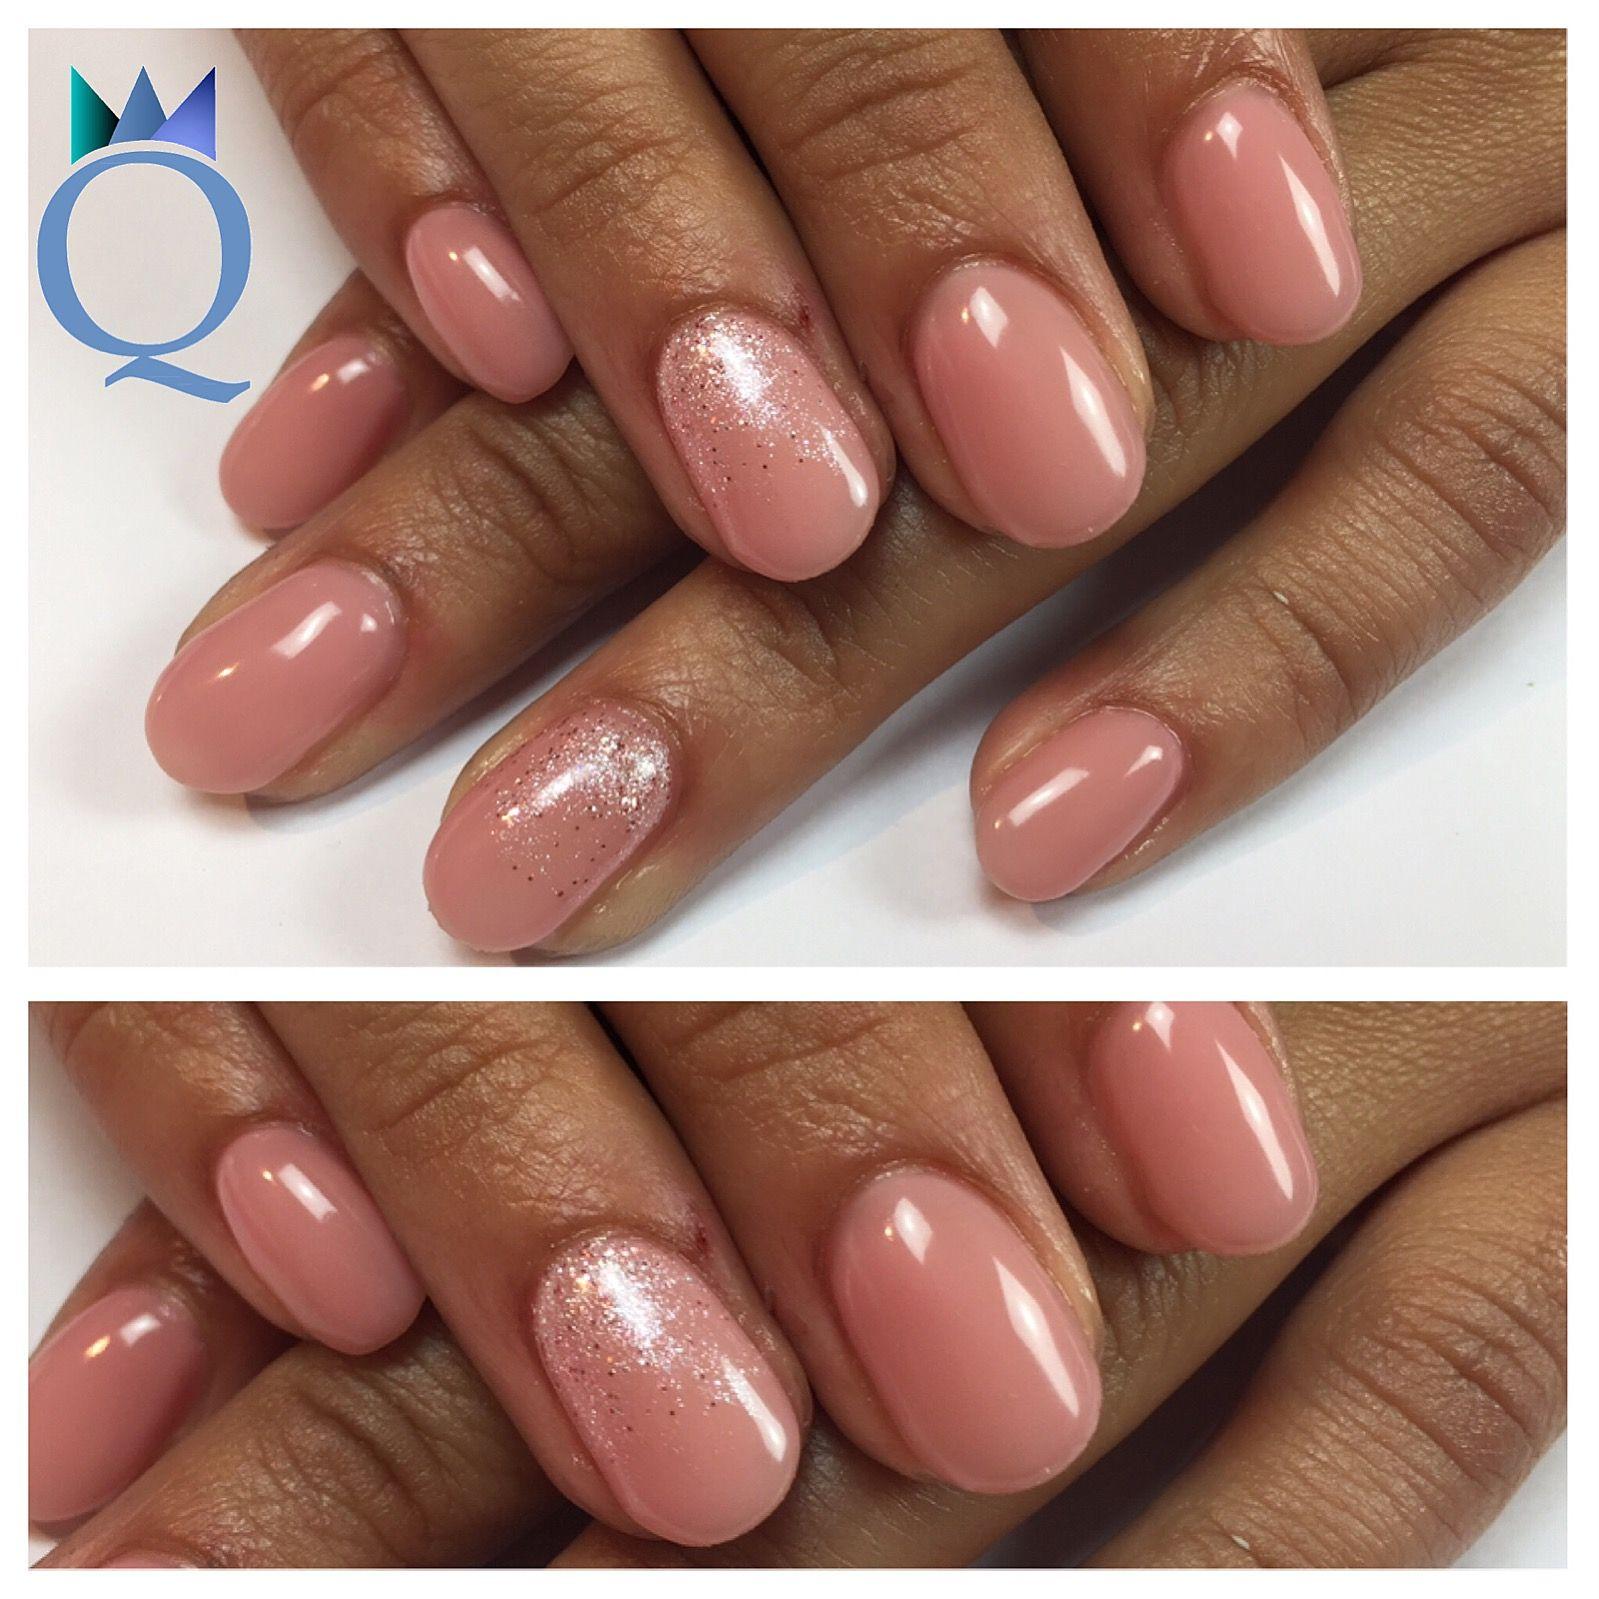 shortnails #gelnails #nails #nude #glitter #akyado #kurzenägel ...